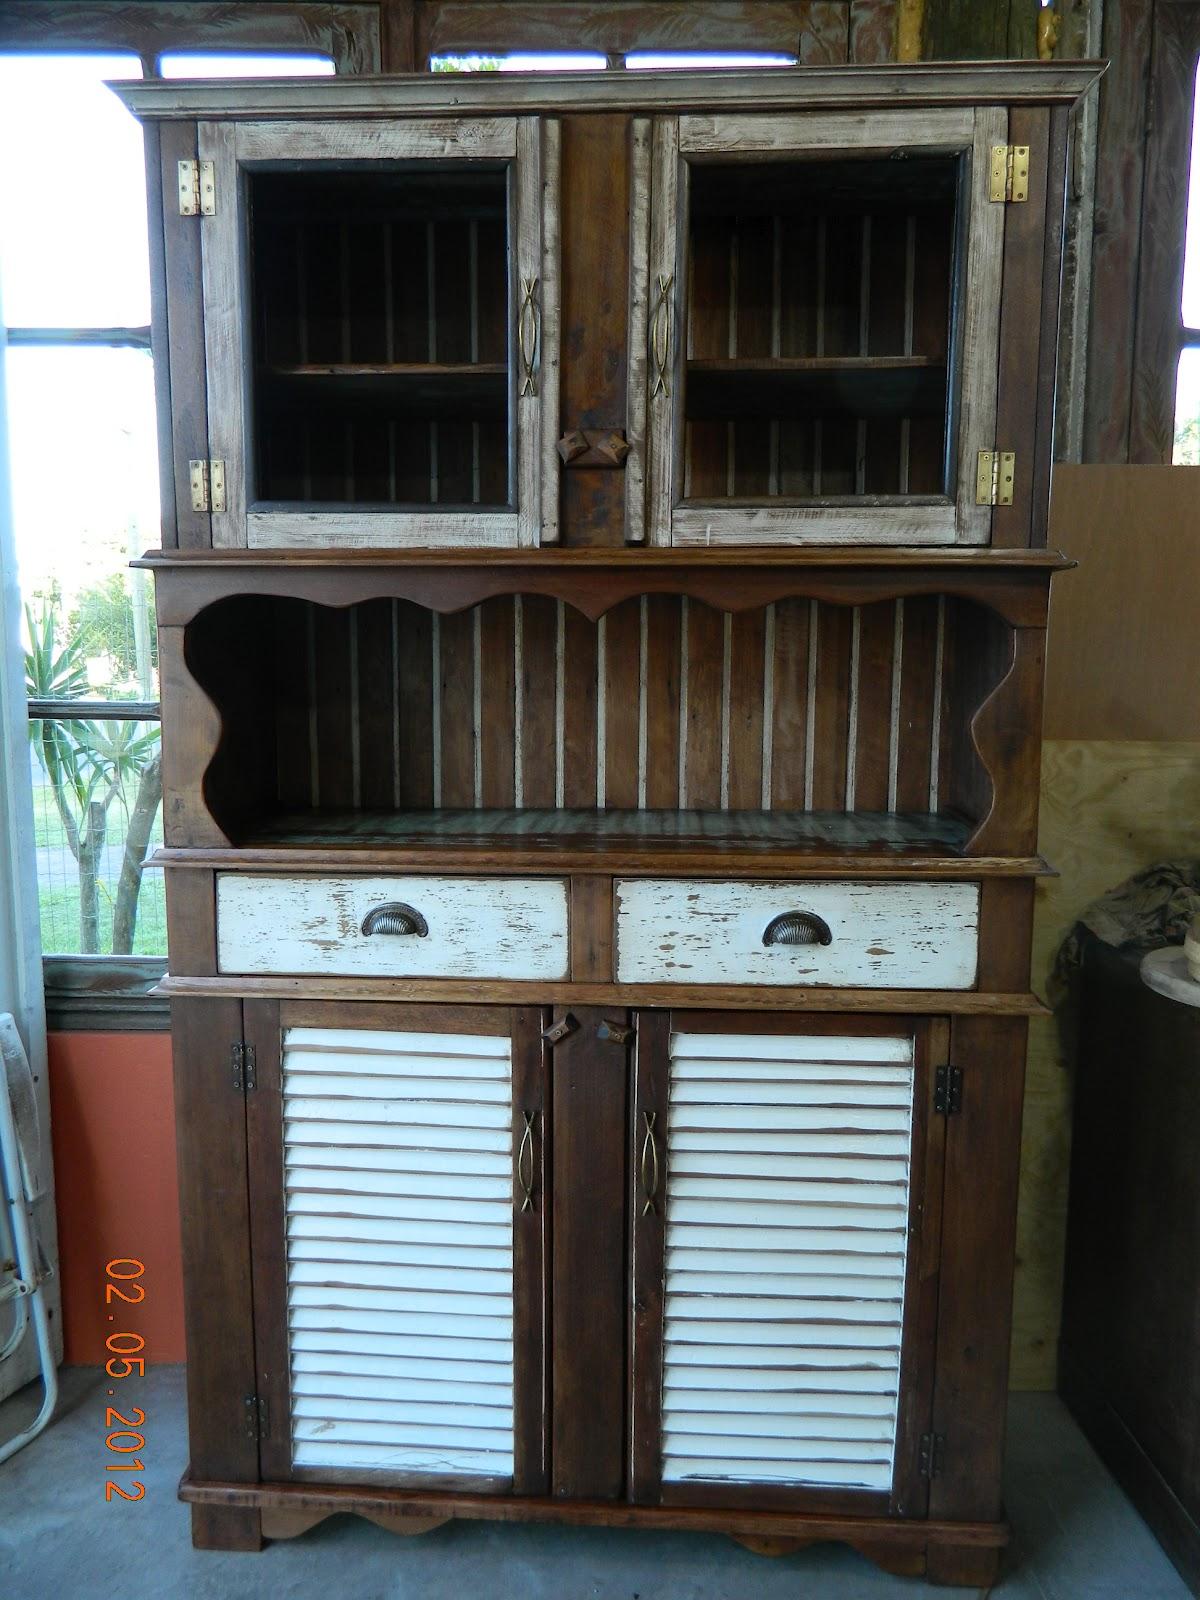 reciclando: Como fazer um armário com madeira de demolição #328299 1200x1600